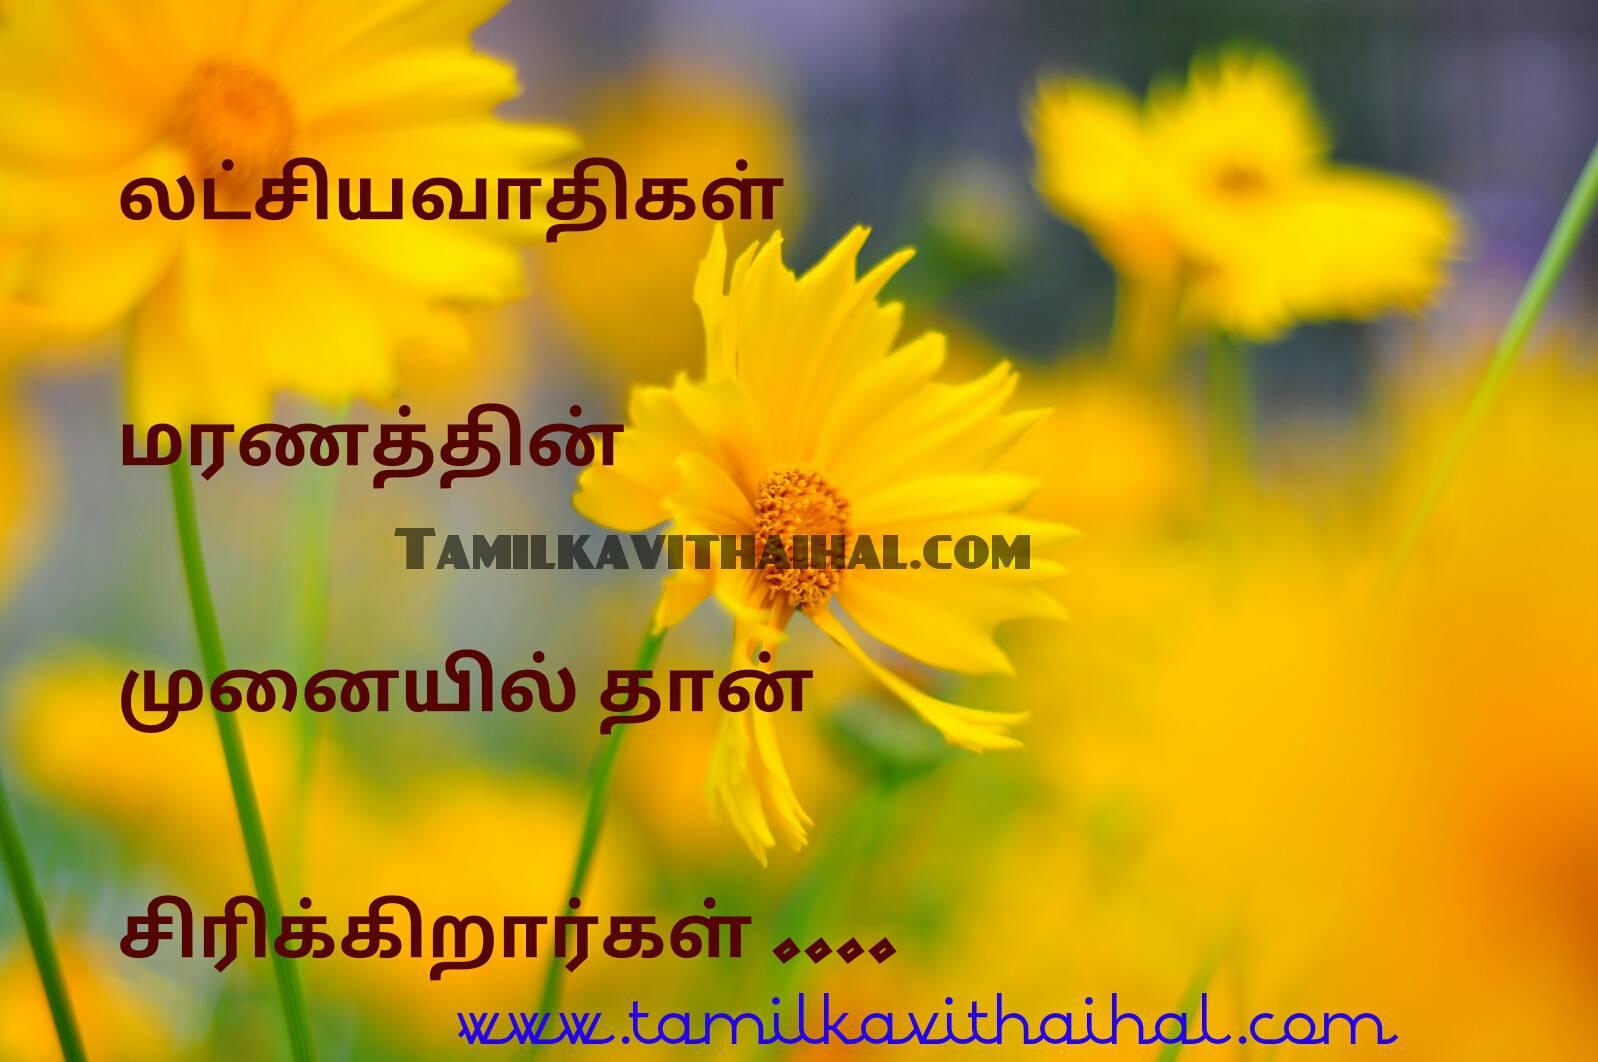 Lathchiyam maranam sirippu quotes philosophy thathuvam valkai images